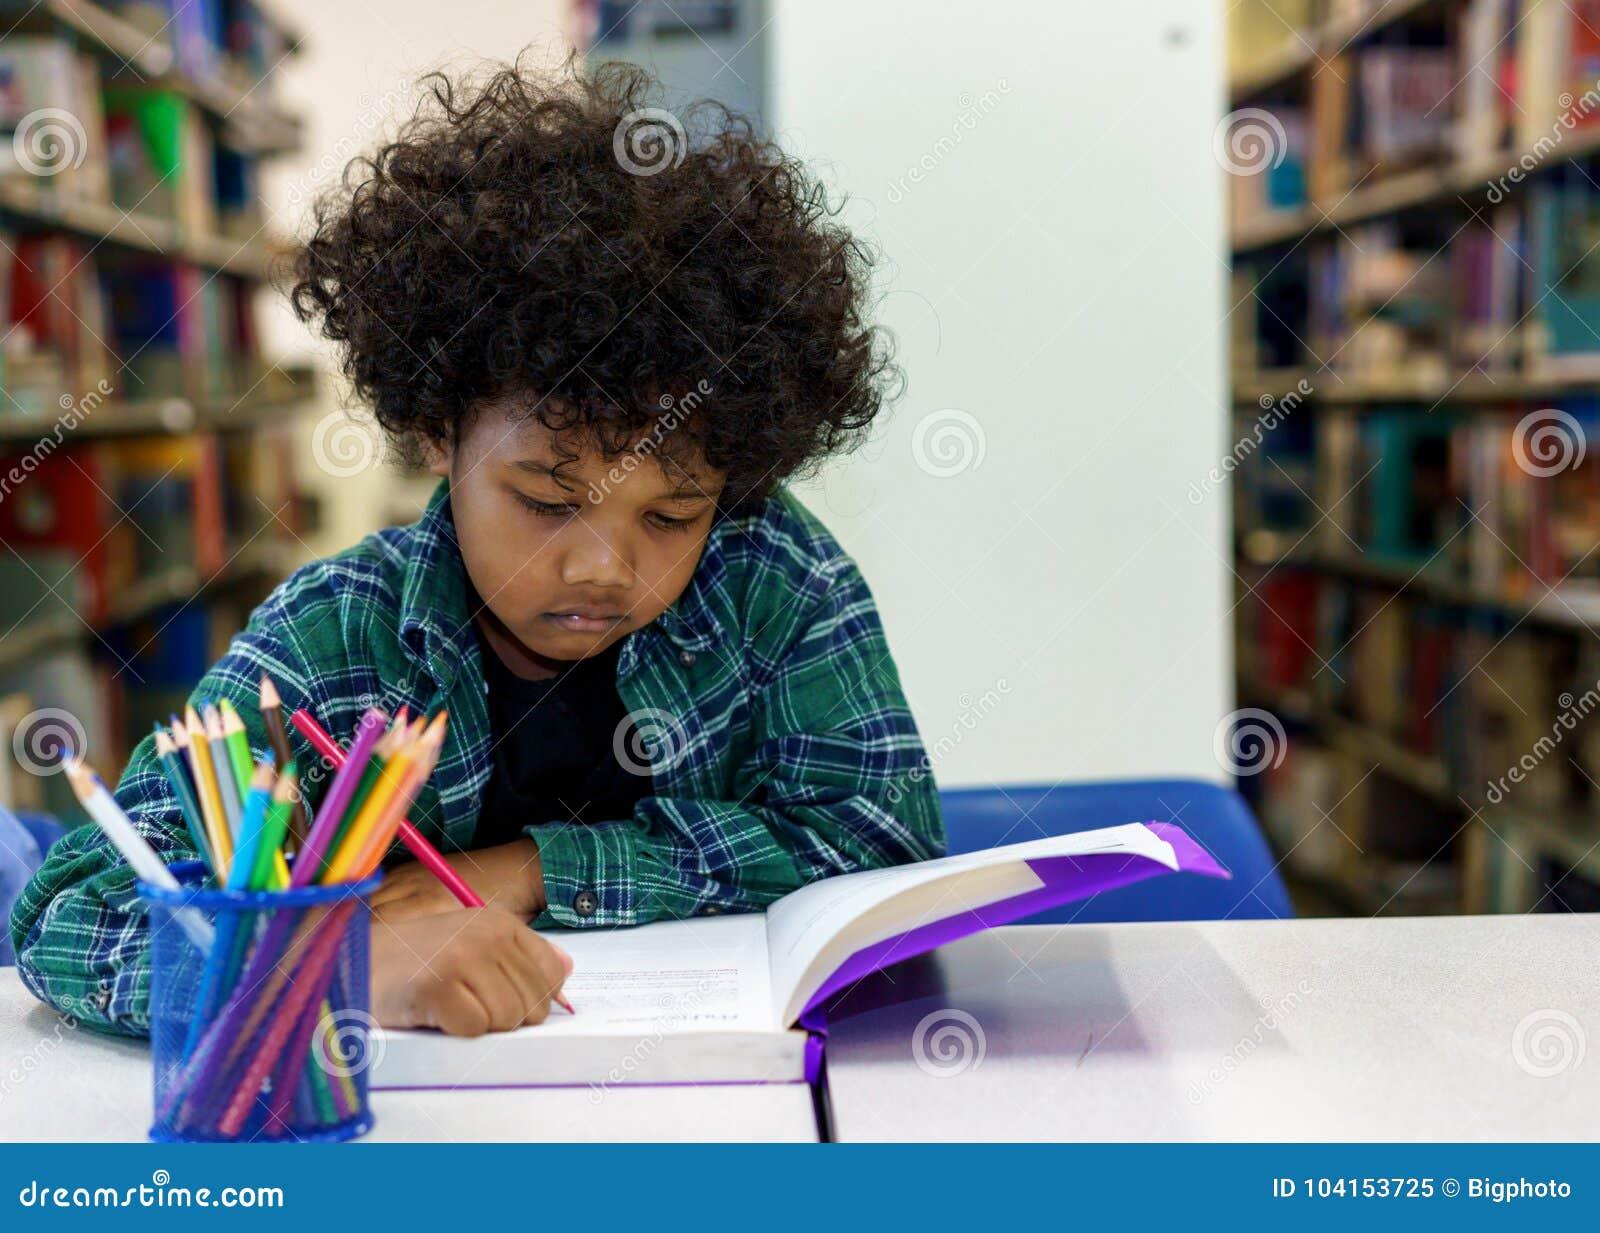 Βιβλίο ανάγνωσης μικρών παιδιών στη βιβλιοθήκη